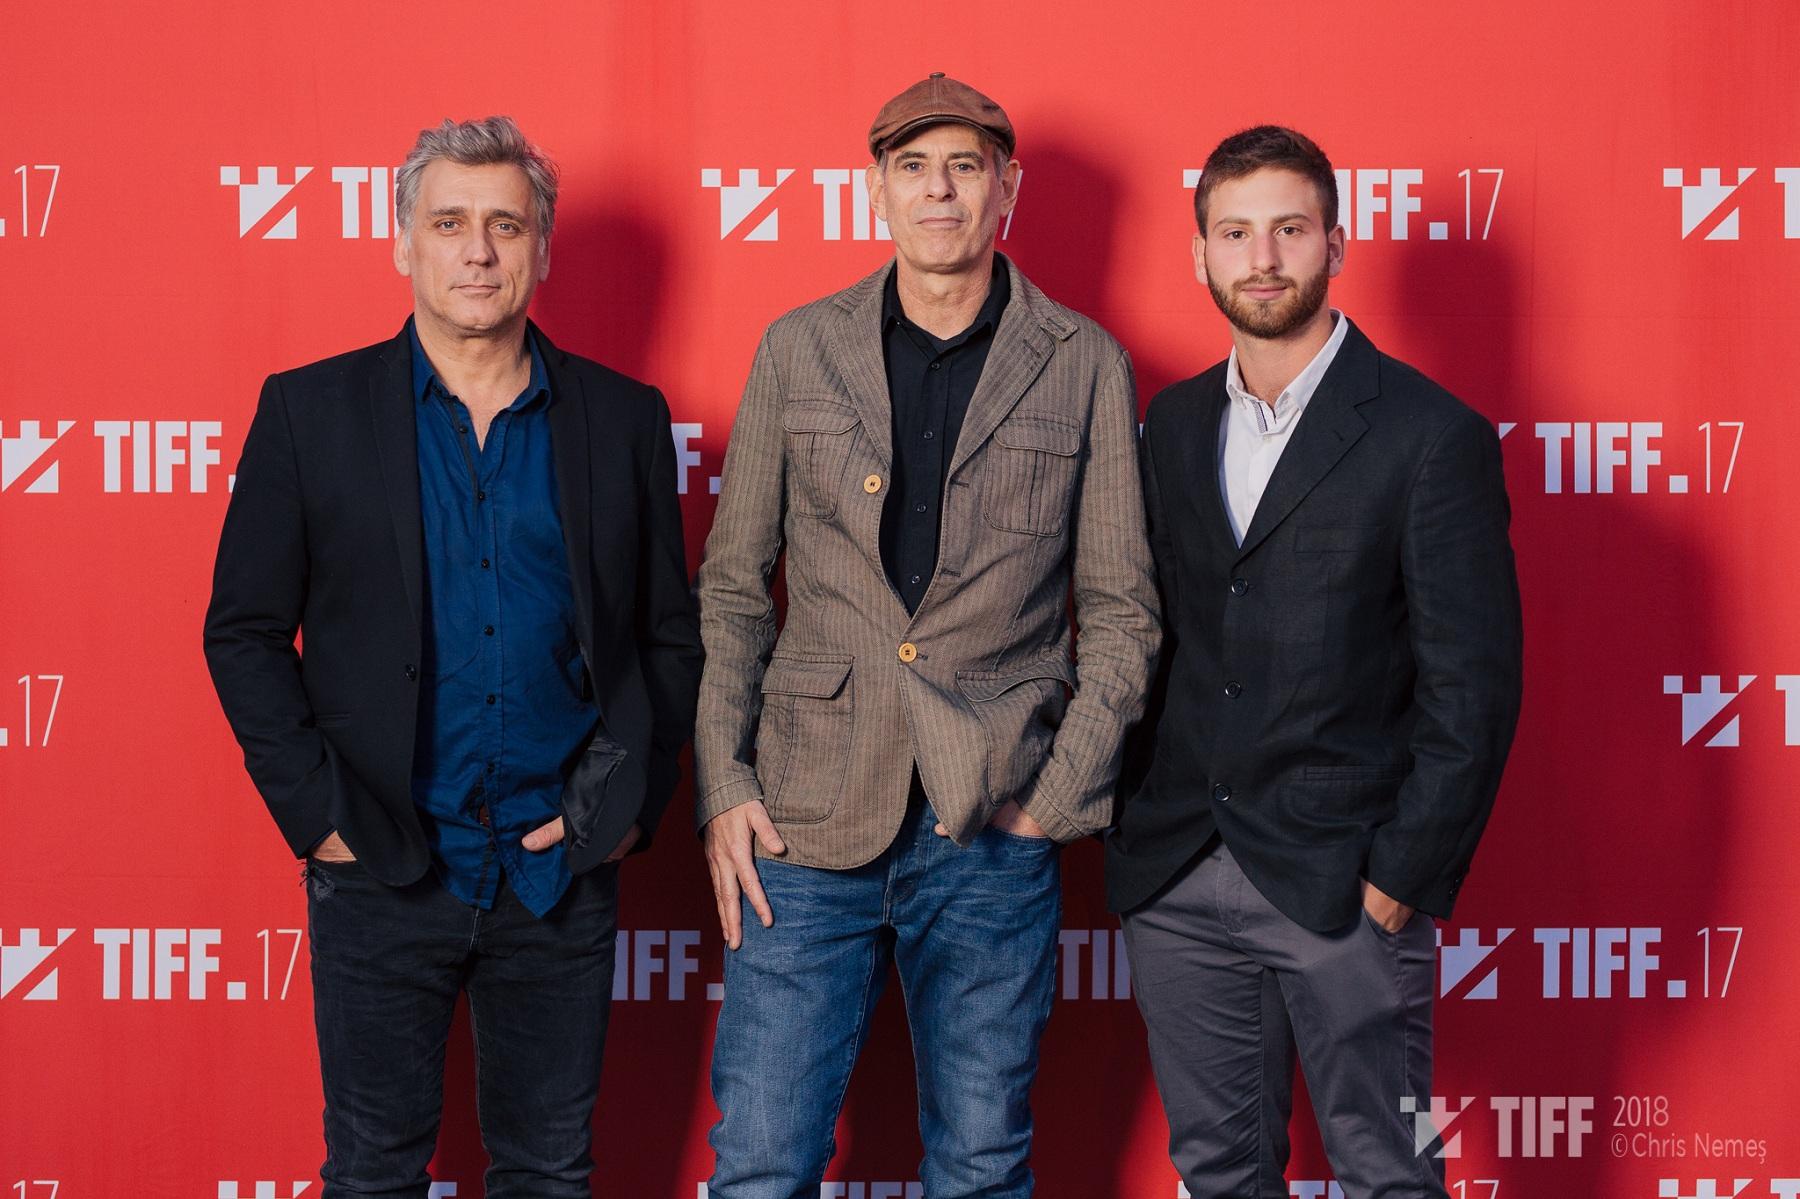 Echipa Foxtrot la deschiderea TIFF 2018 - foto Chris Nemes